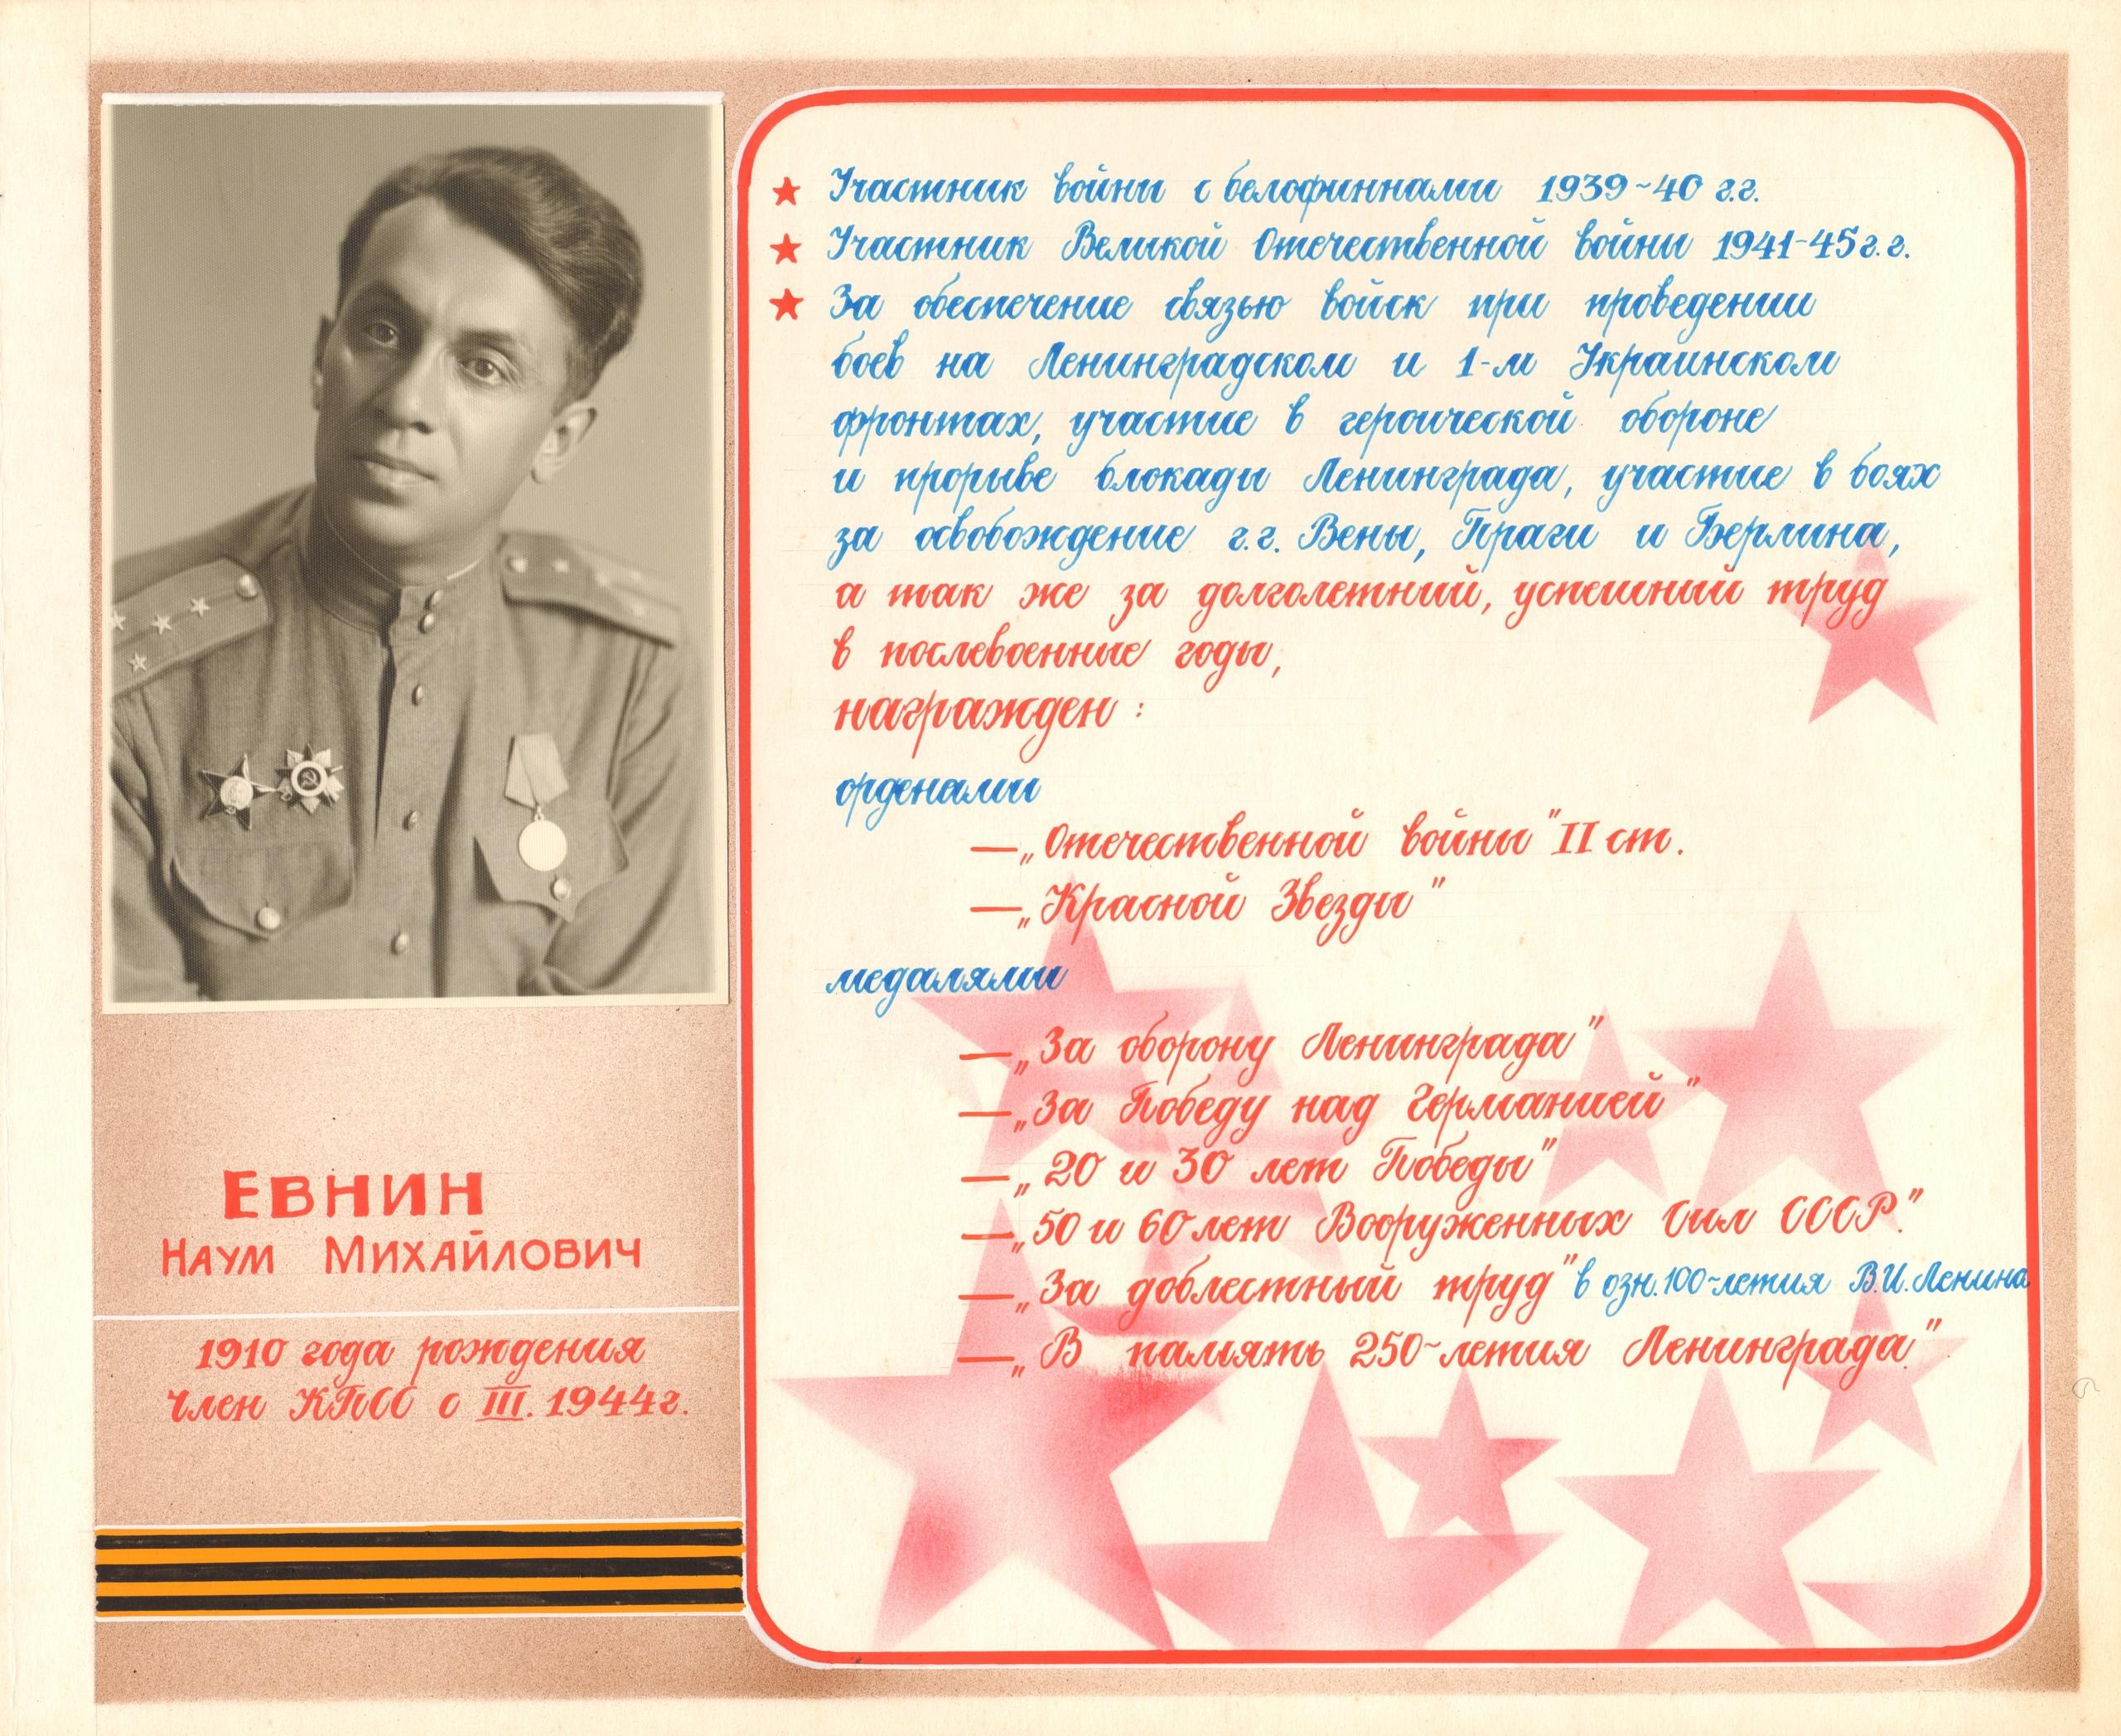 Евнин Наум Михайлович